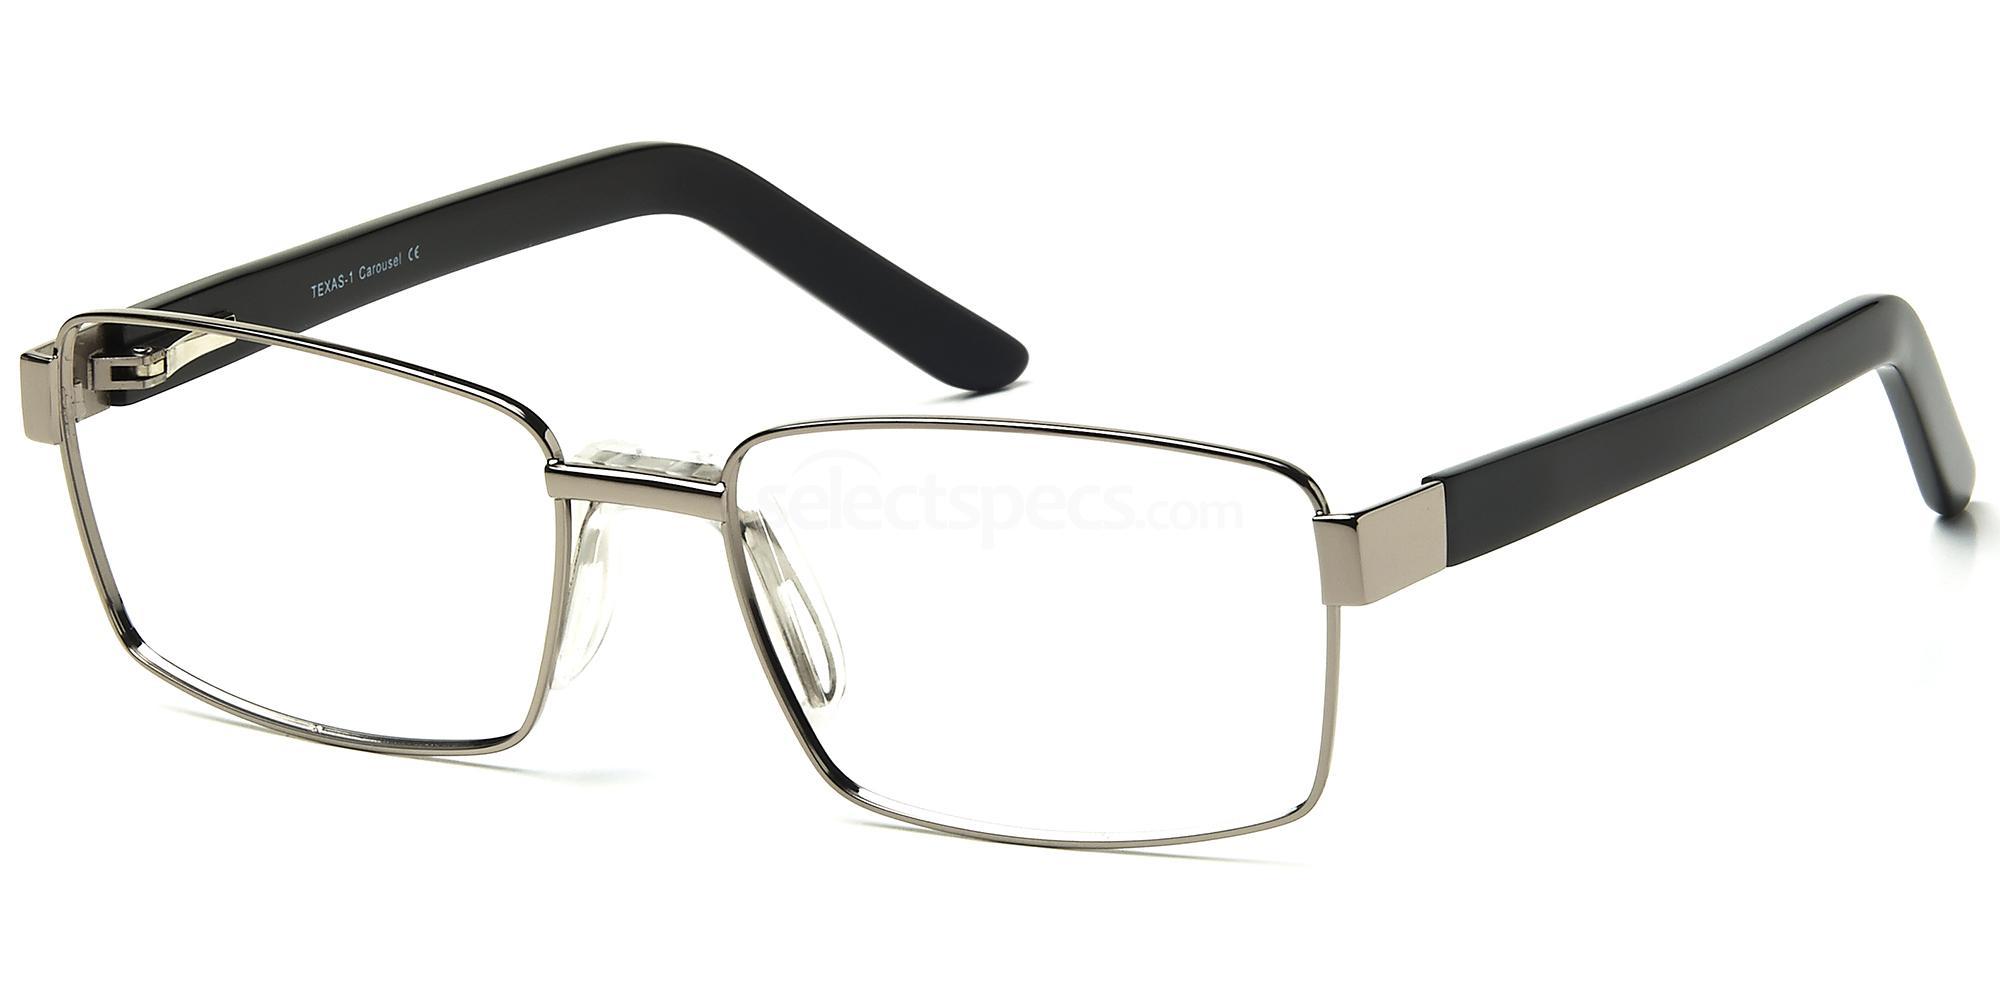 C1 TEXAS1 Glasses, Eyewear Café